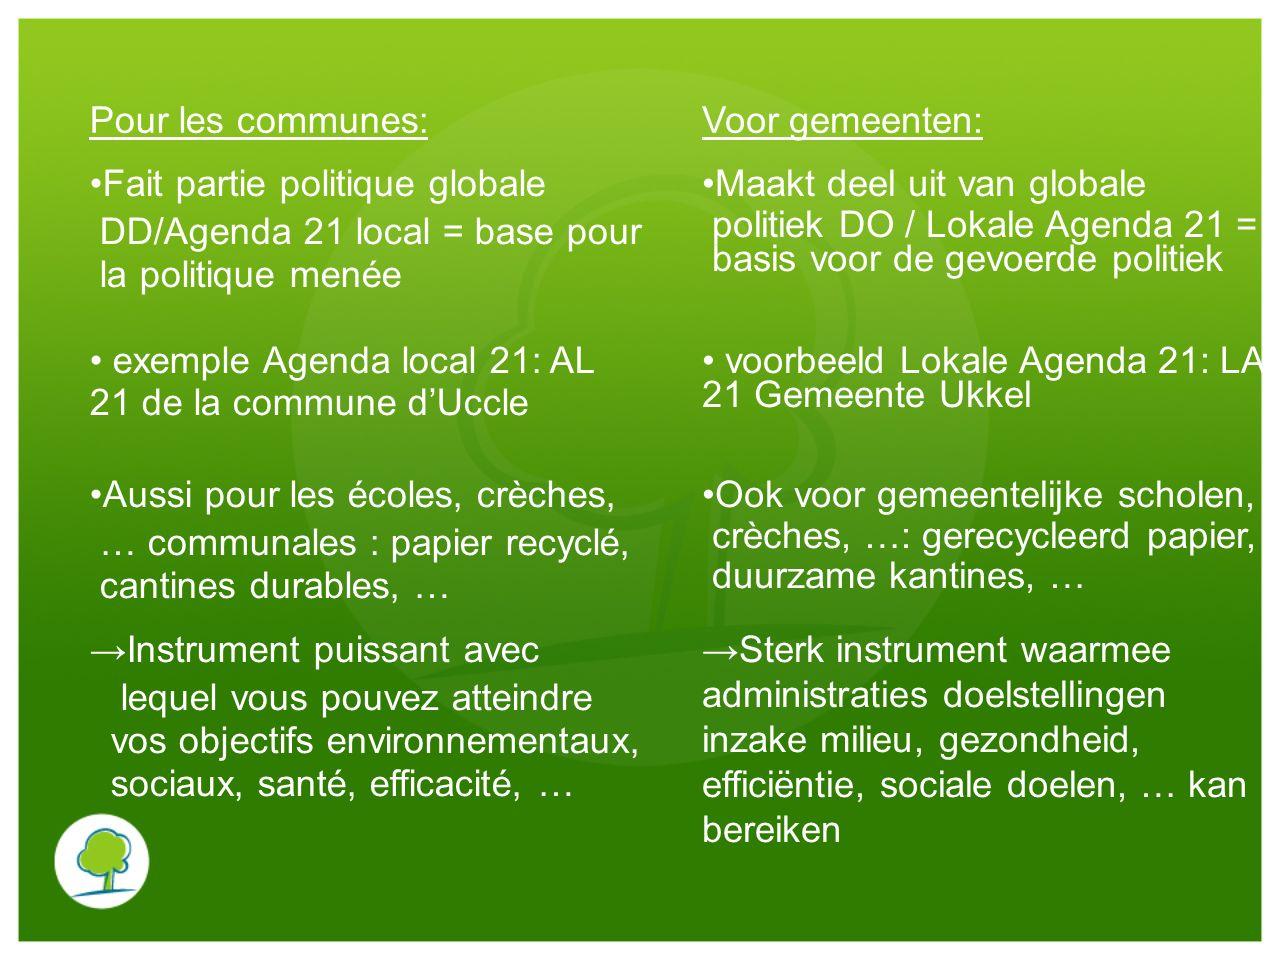 Pour les communes:Voor gemeenten: Fait partie politique globale DD/Agenda 21 local = base pour la politique menée exemple Agenda local 21: AL 21 de la